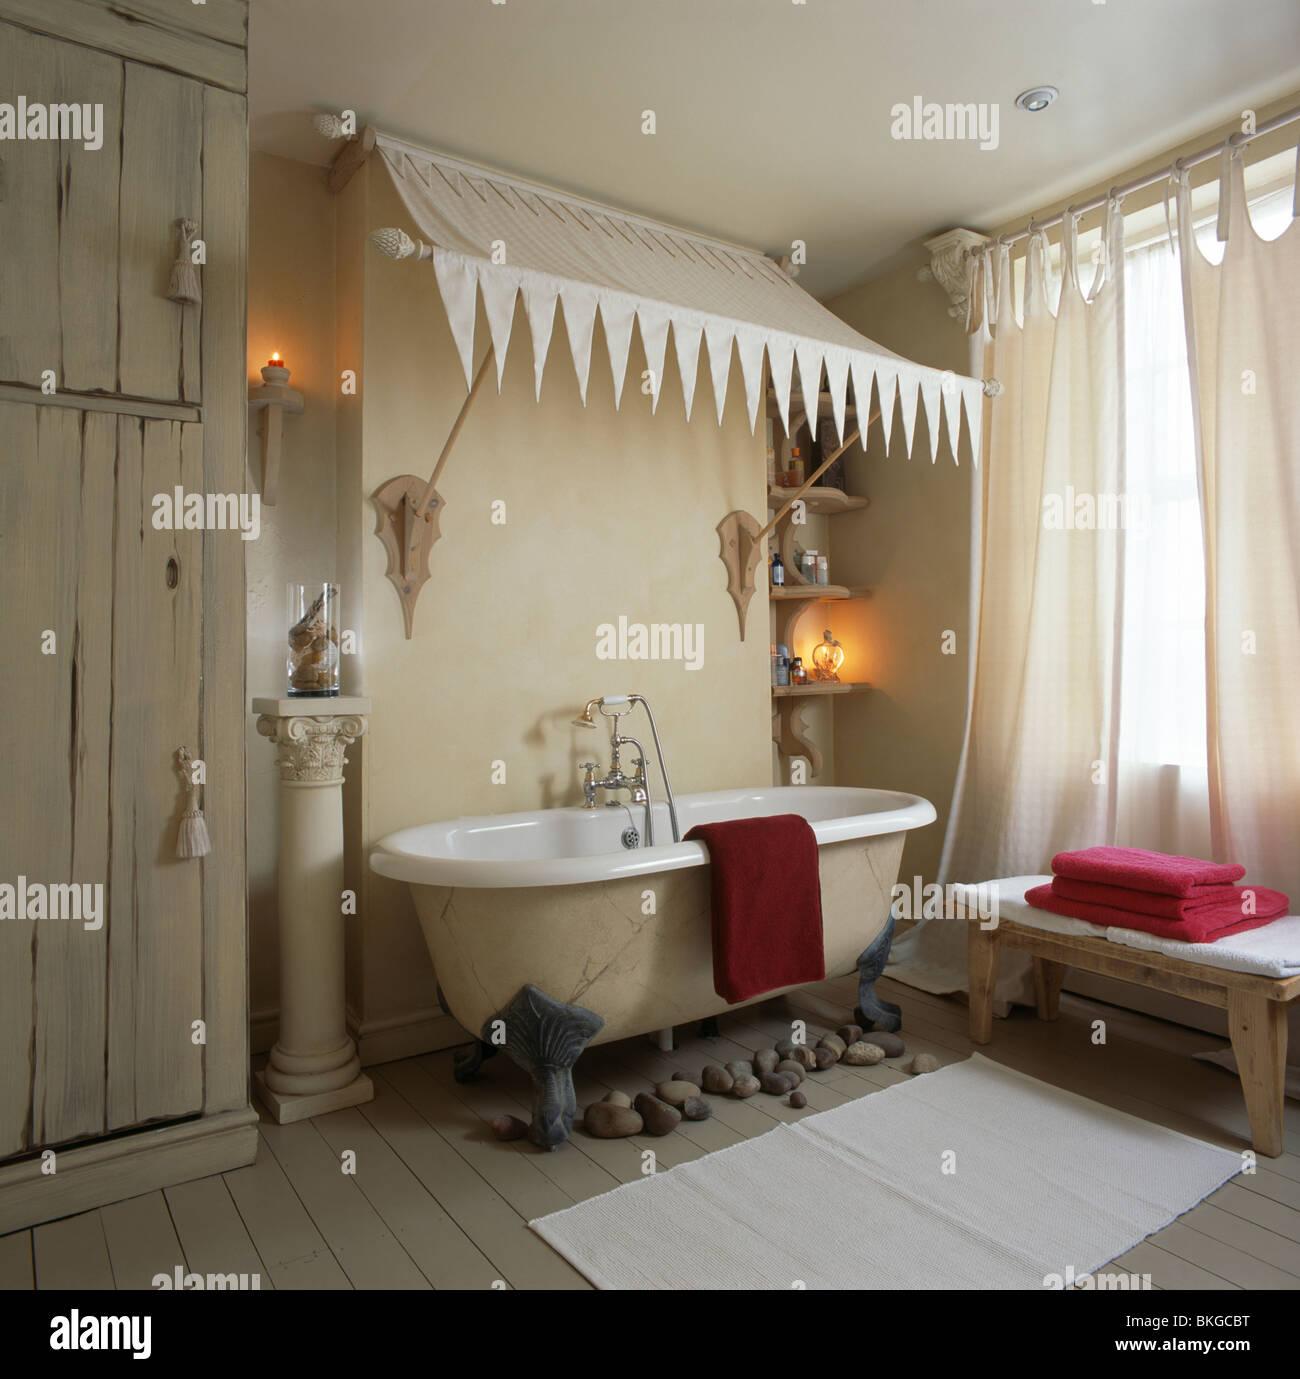 Meuble Salle De Bain Oakland ~ Au Dessus Du Couvert De Cr Me Une Baignoire Dans Une Salle De Bains